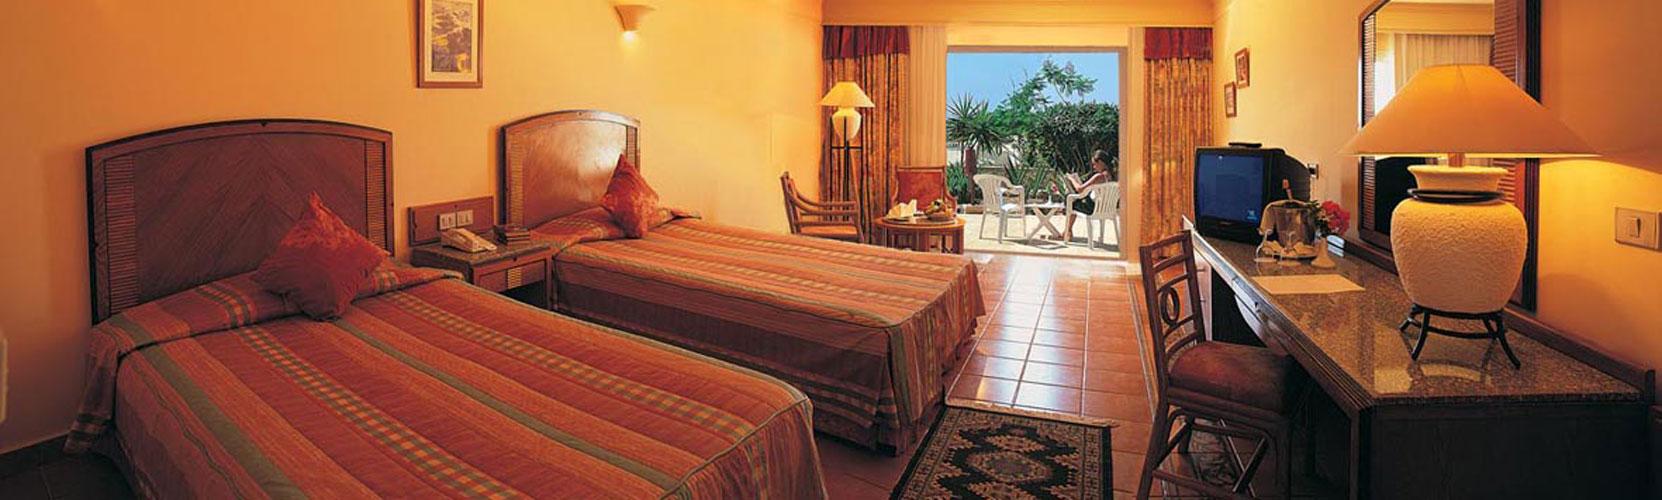 Reef Oasis Beach Resort image38